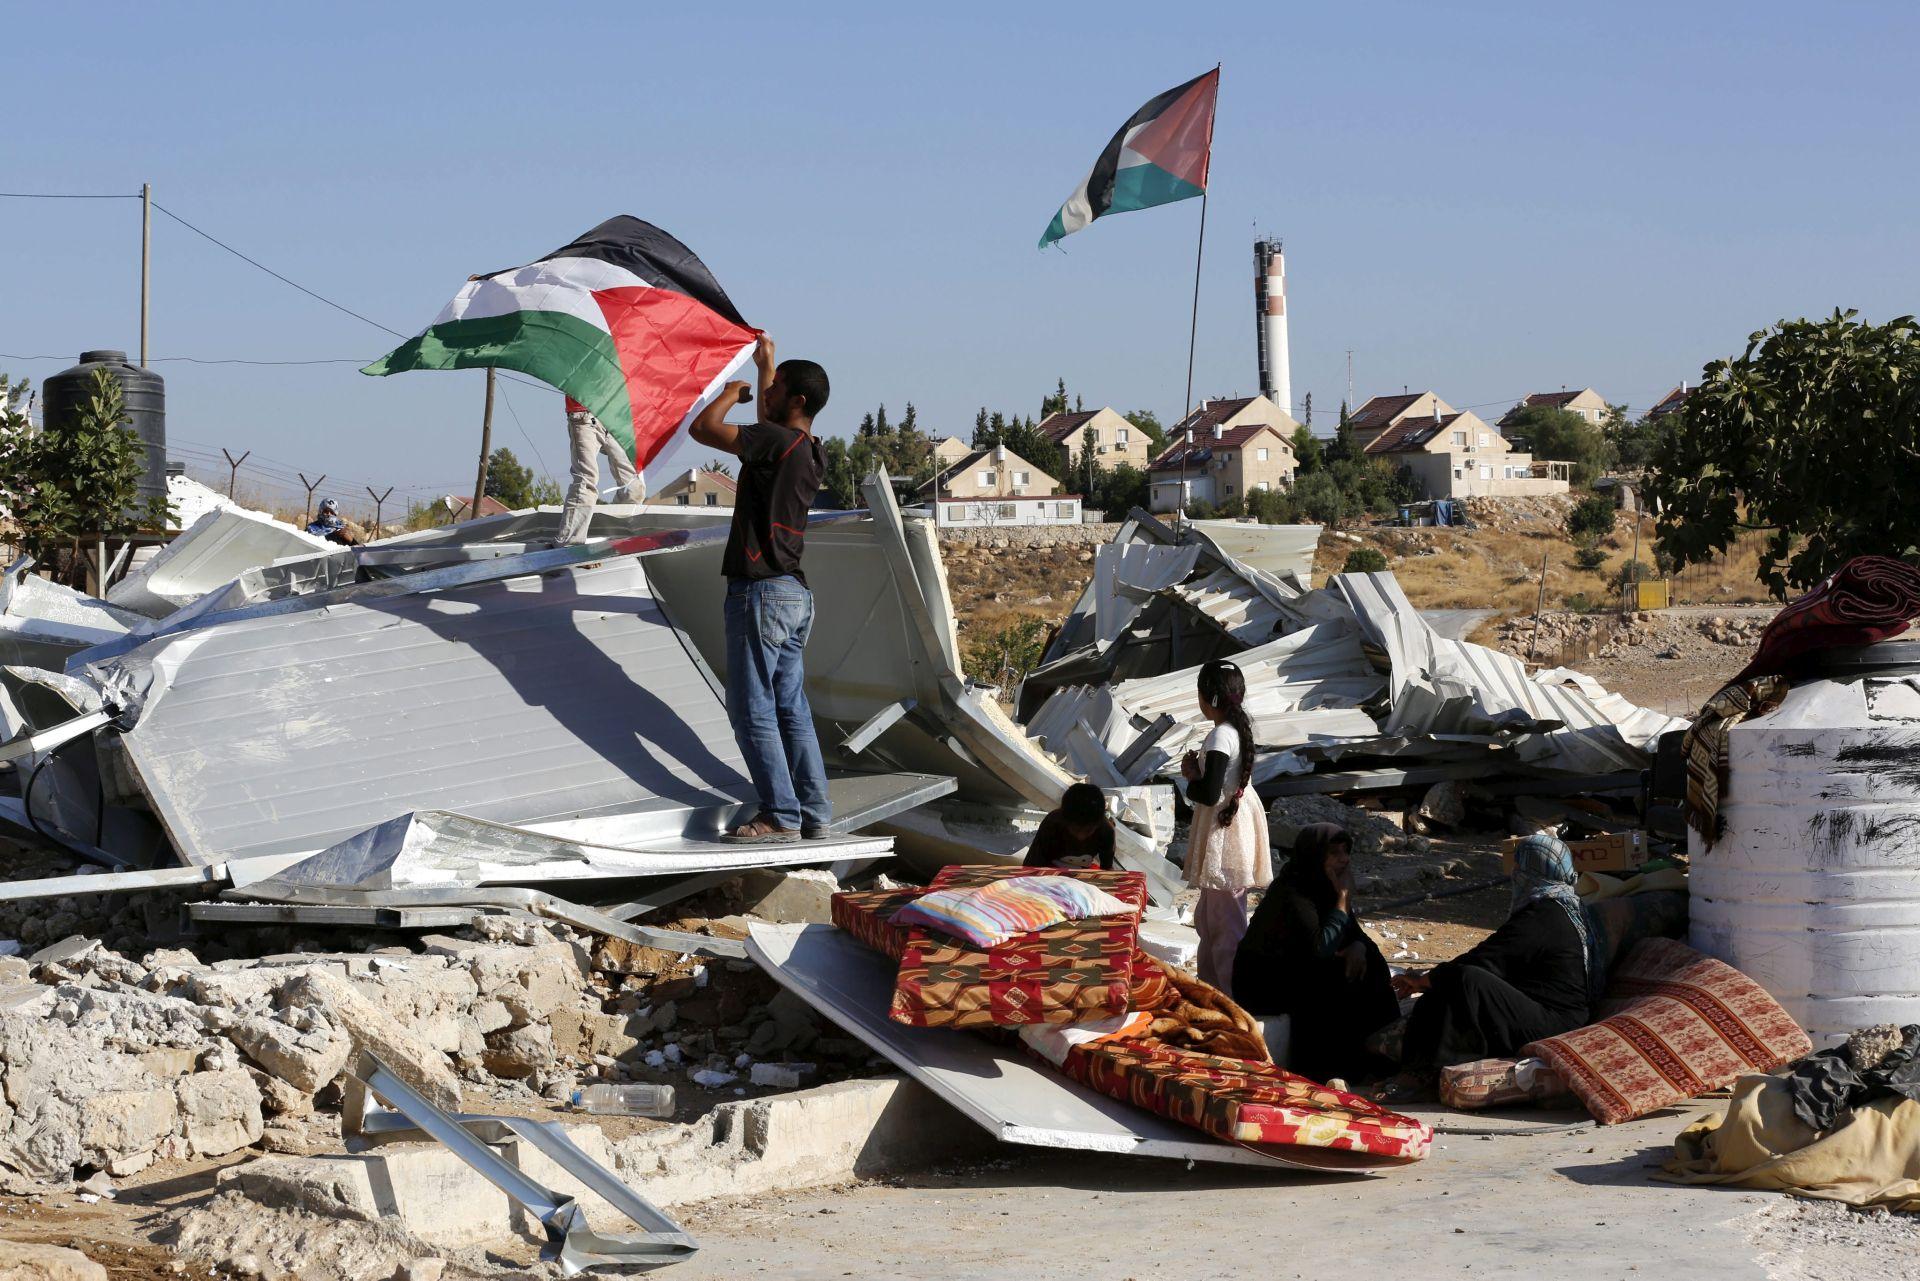 UN ZABRINUT: Palestinski humanitarac optužen za pomoć Hamasu